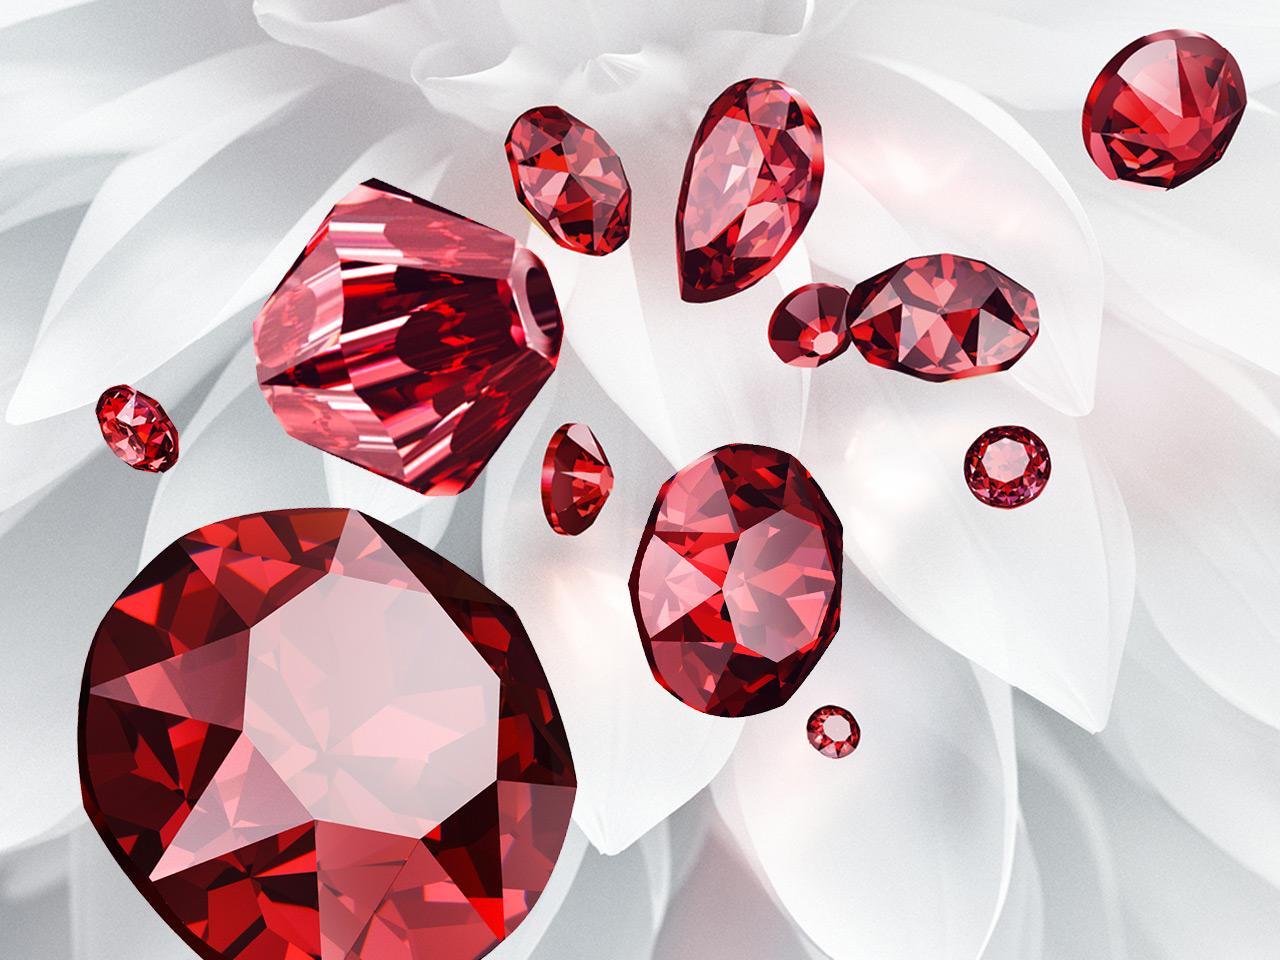 Swarovski Crystal Scarlet Color